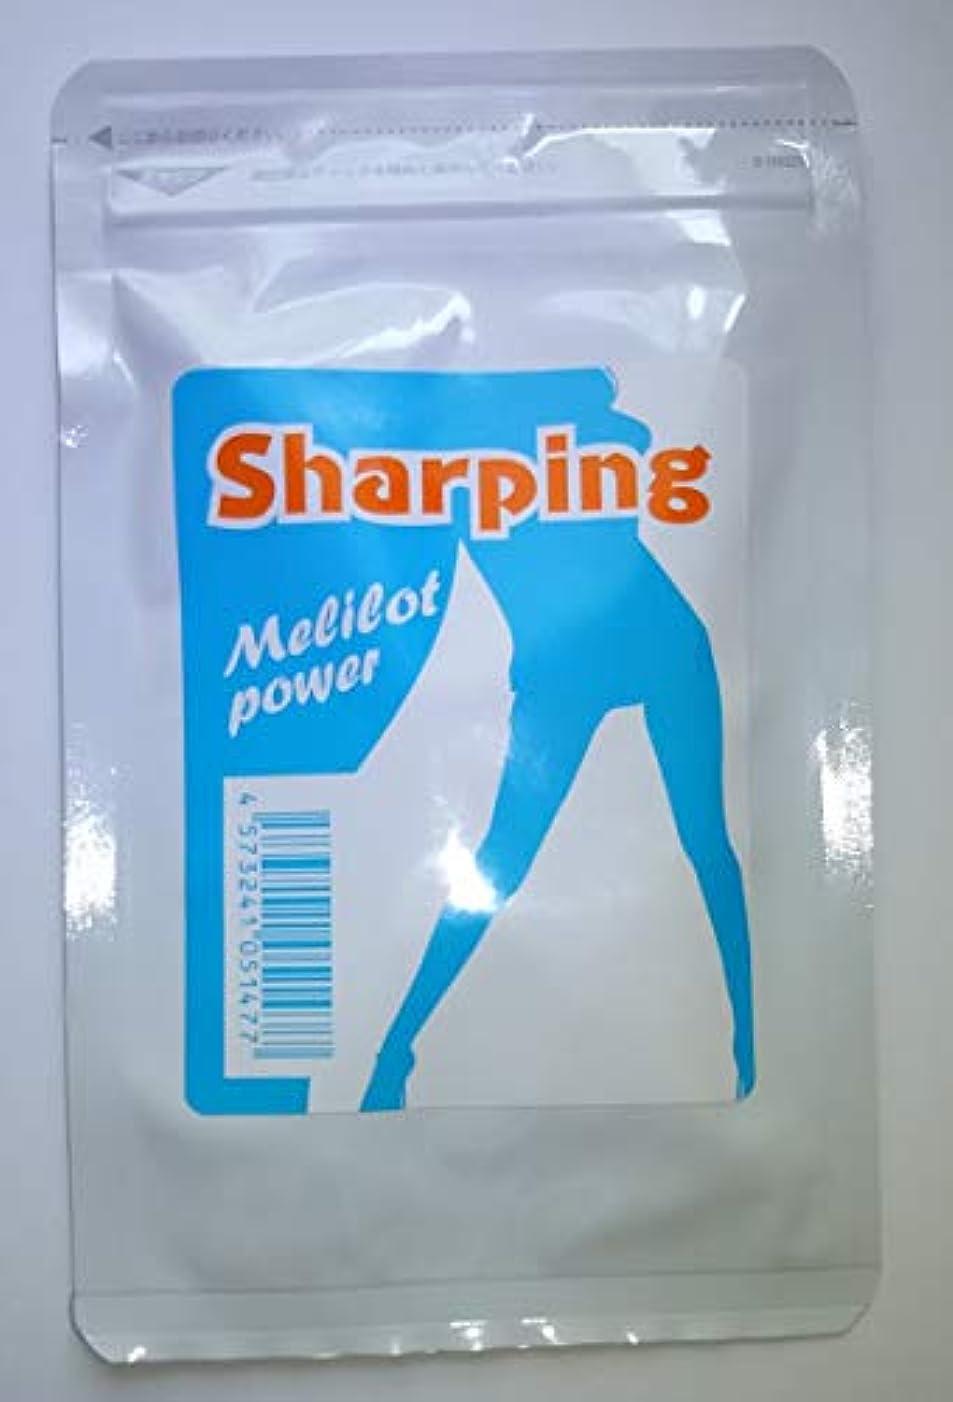 無臭マリナー虫を数えるシャーピング Sharping メリロート 180粒 ダイエットサポート